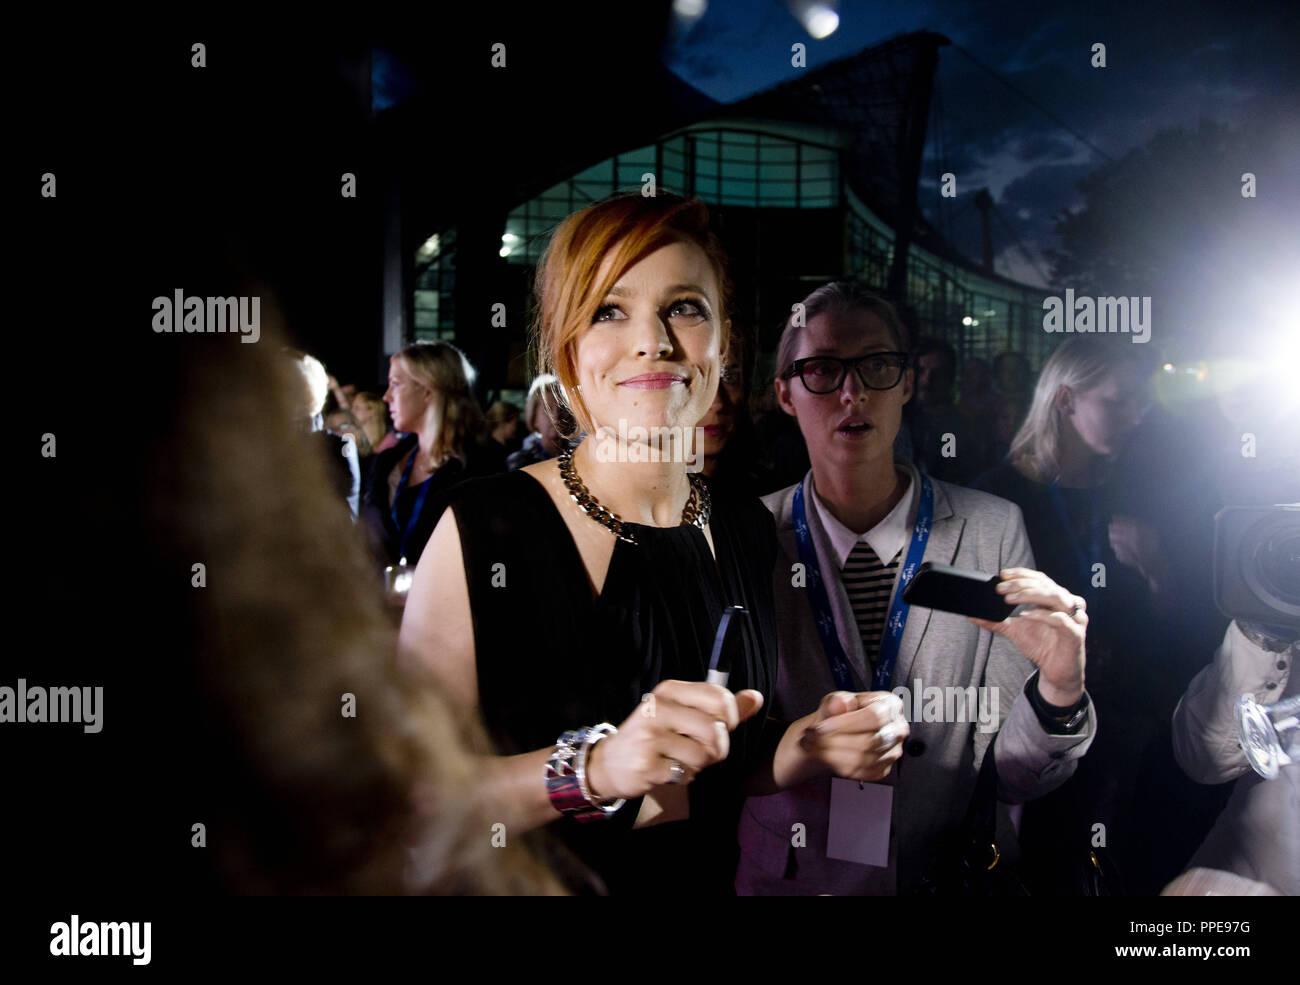 Schauspielerin Rachel McAdams auf die Deutsche Premiere des Films 'Zeit' an der Open-Air-Kino am Olympiasee. Stockbild